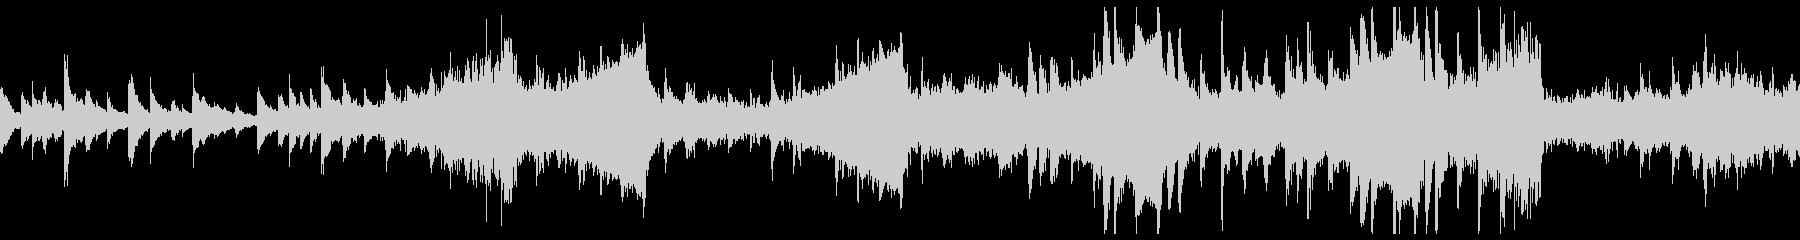 不安定な音程が特徴的の不気味ホラーBGMの未再生の波形